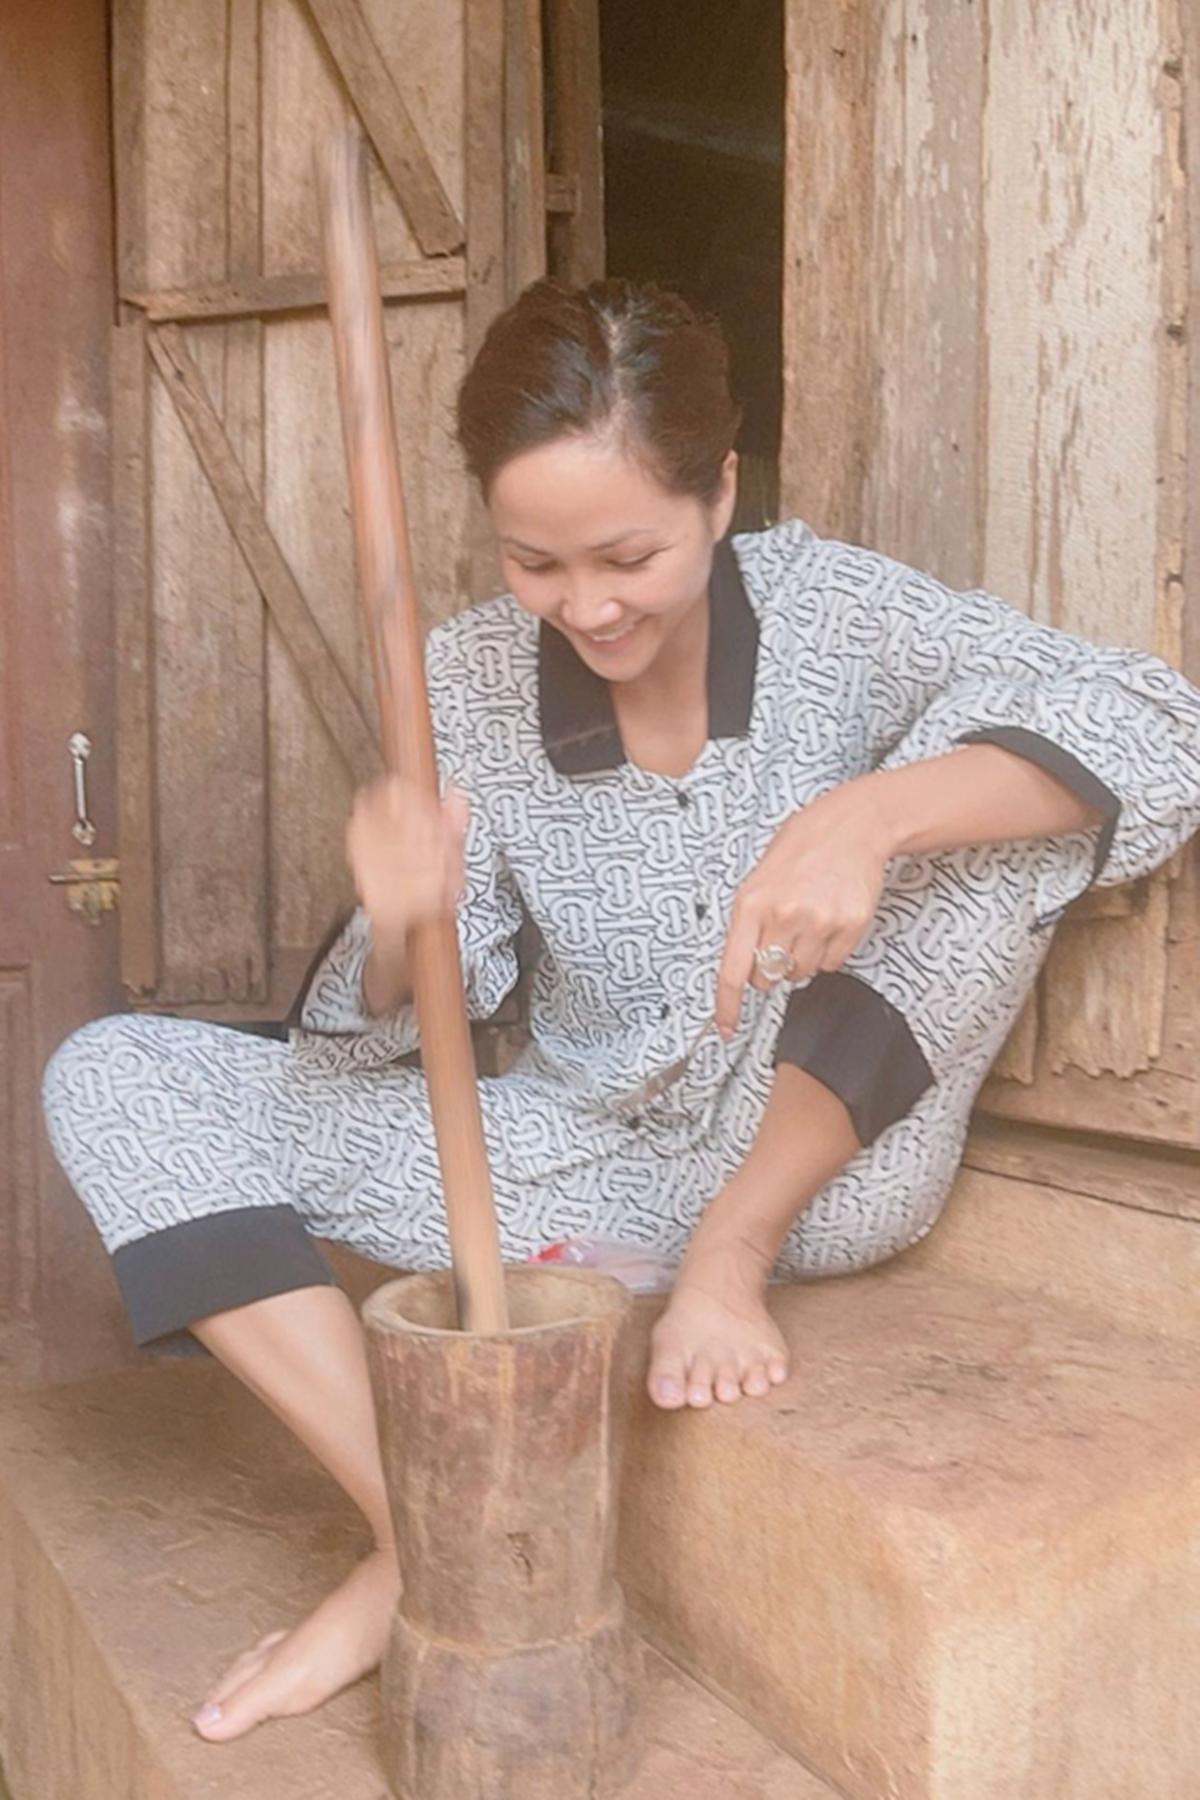 HHen Niê cùng cháu gái về Đắk Lắk nghỉ ngơi.